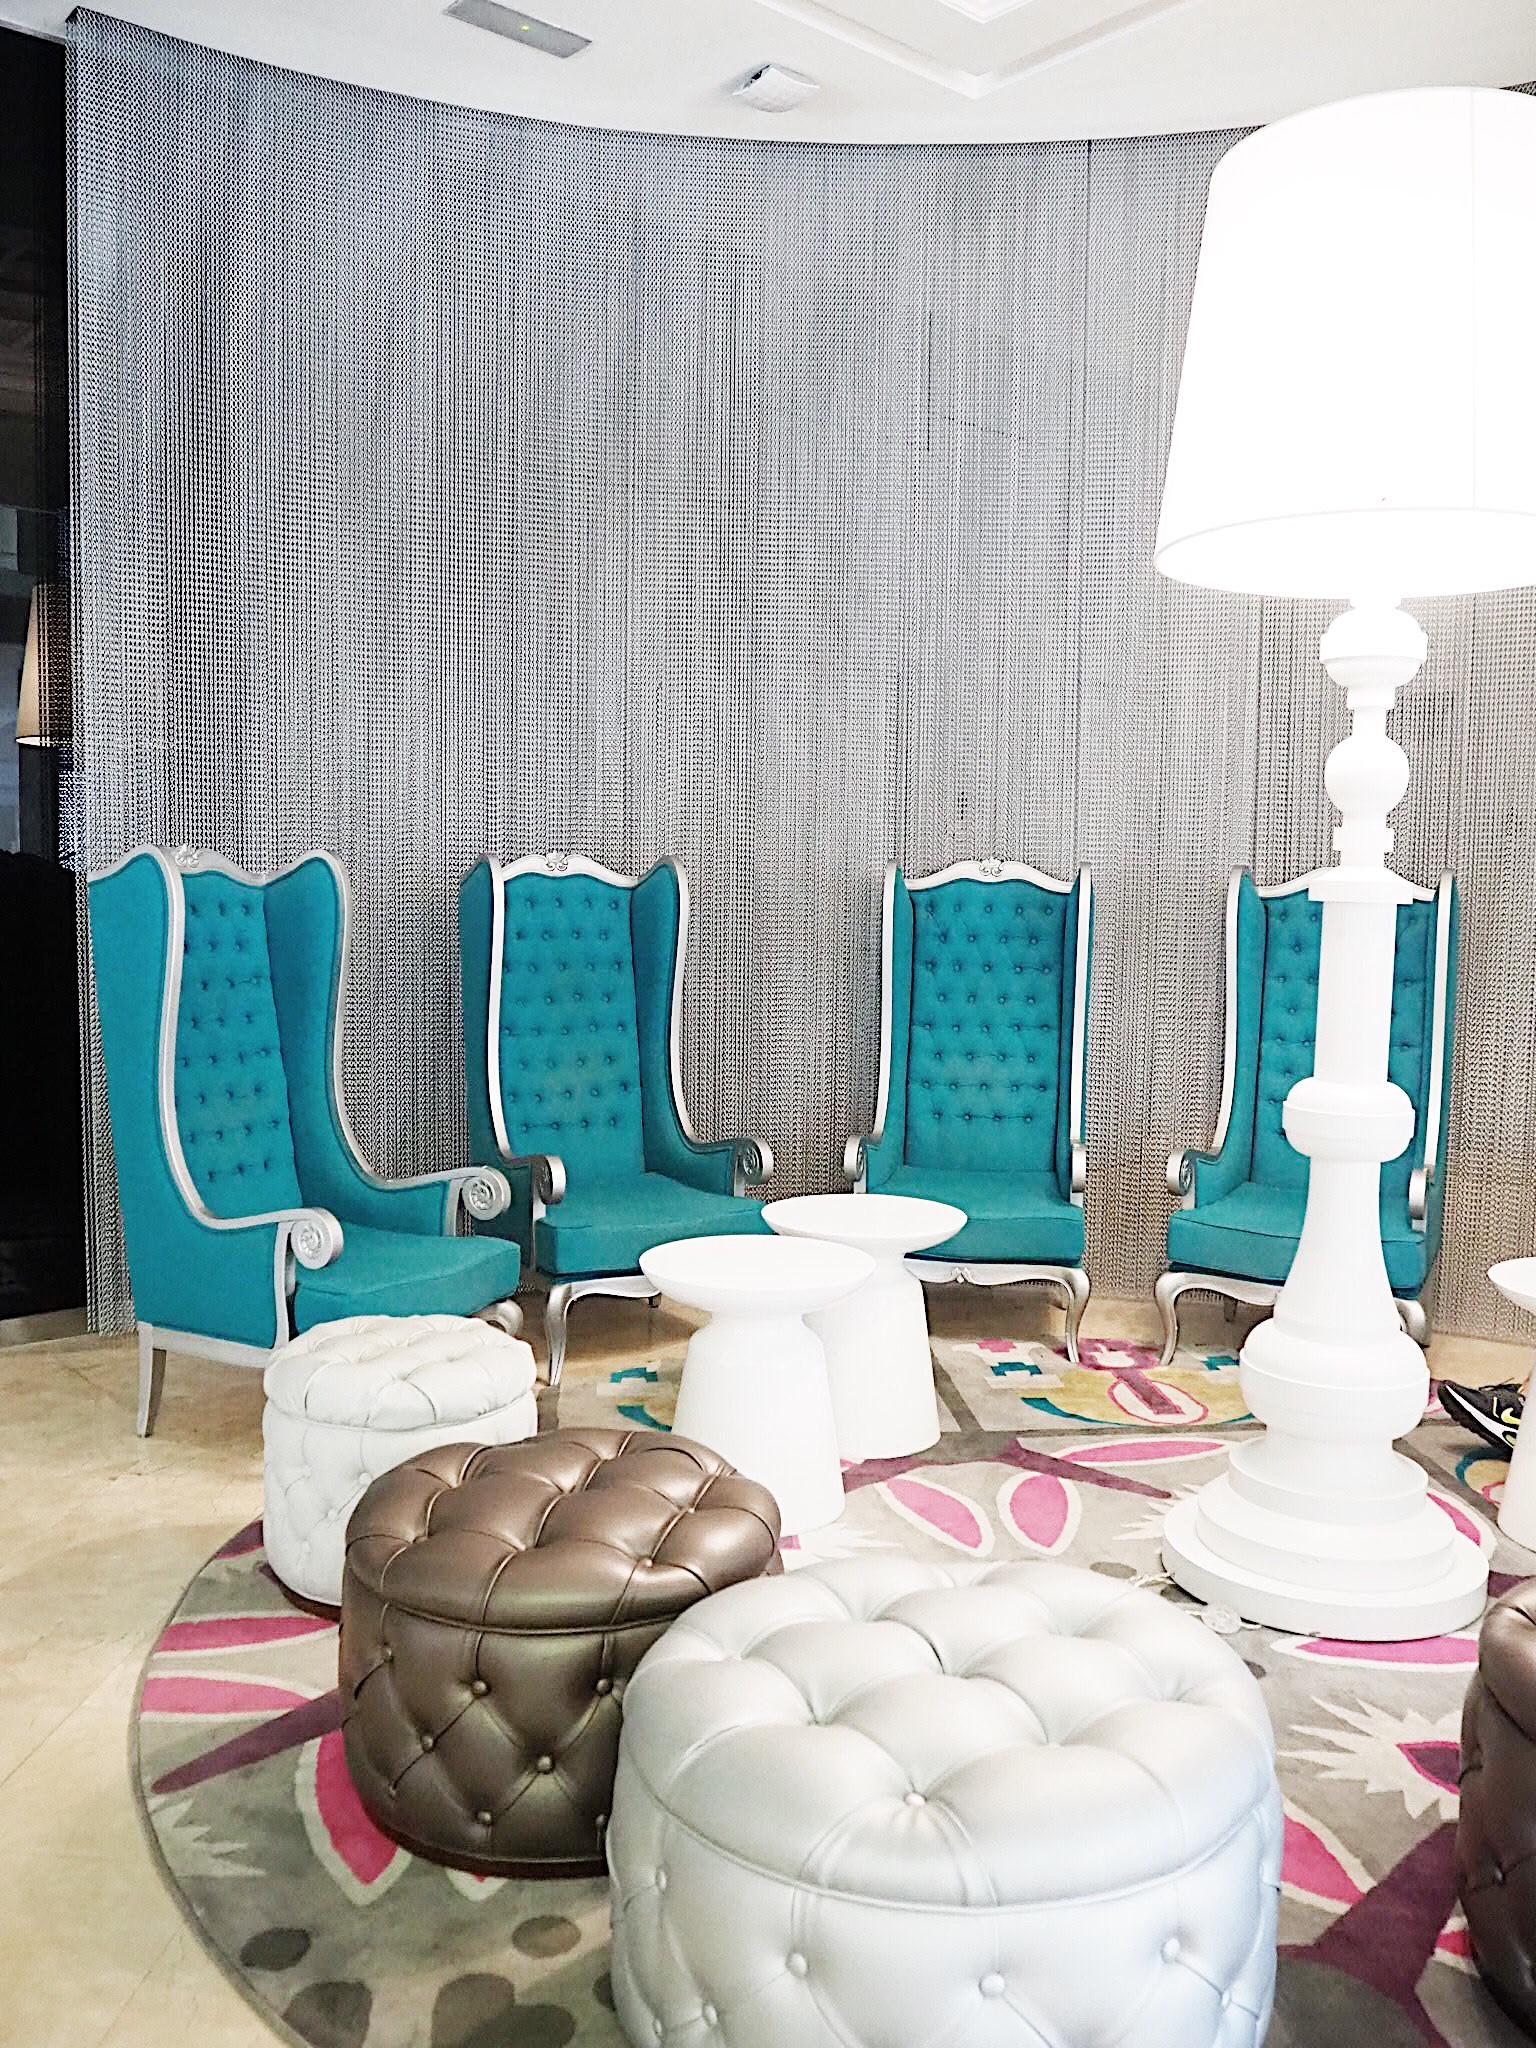 179f02f2 de6f 4073 b584 8470db664e49 - Kempinski Hotel - 2017年オープンのハバナで今1番と言われる五つ星ラグジュアリーホテル